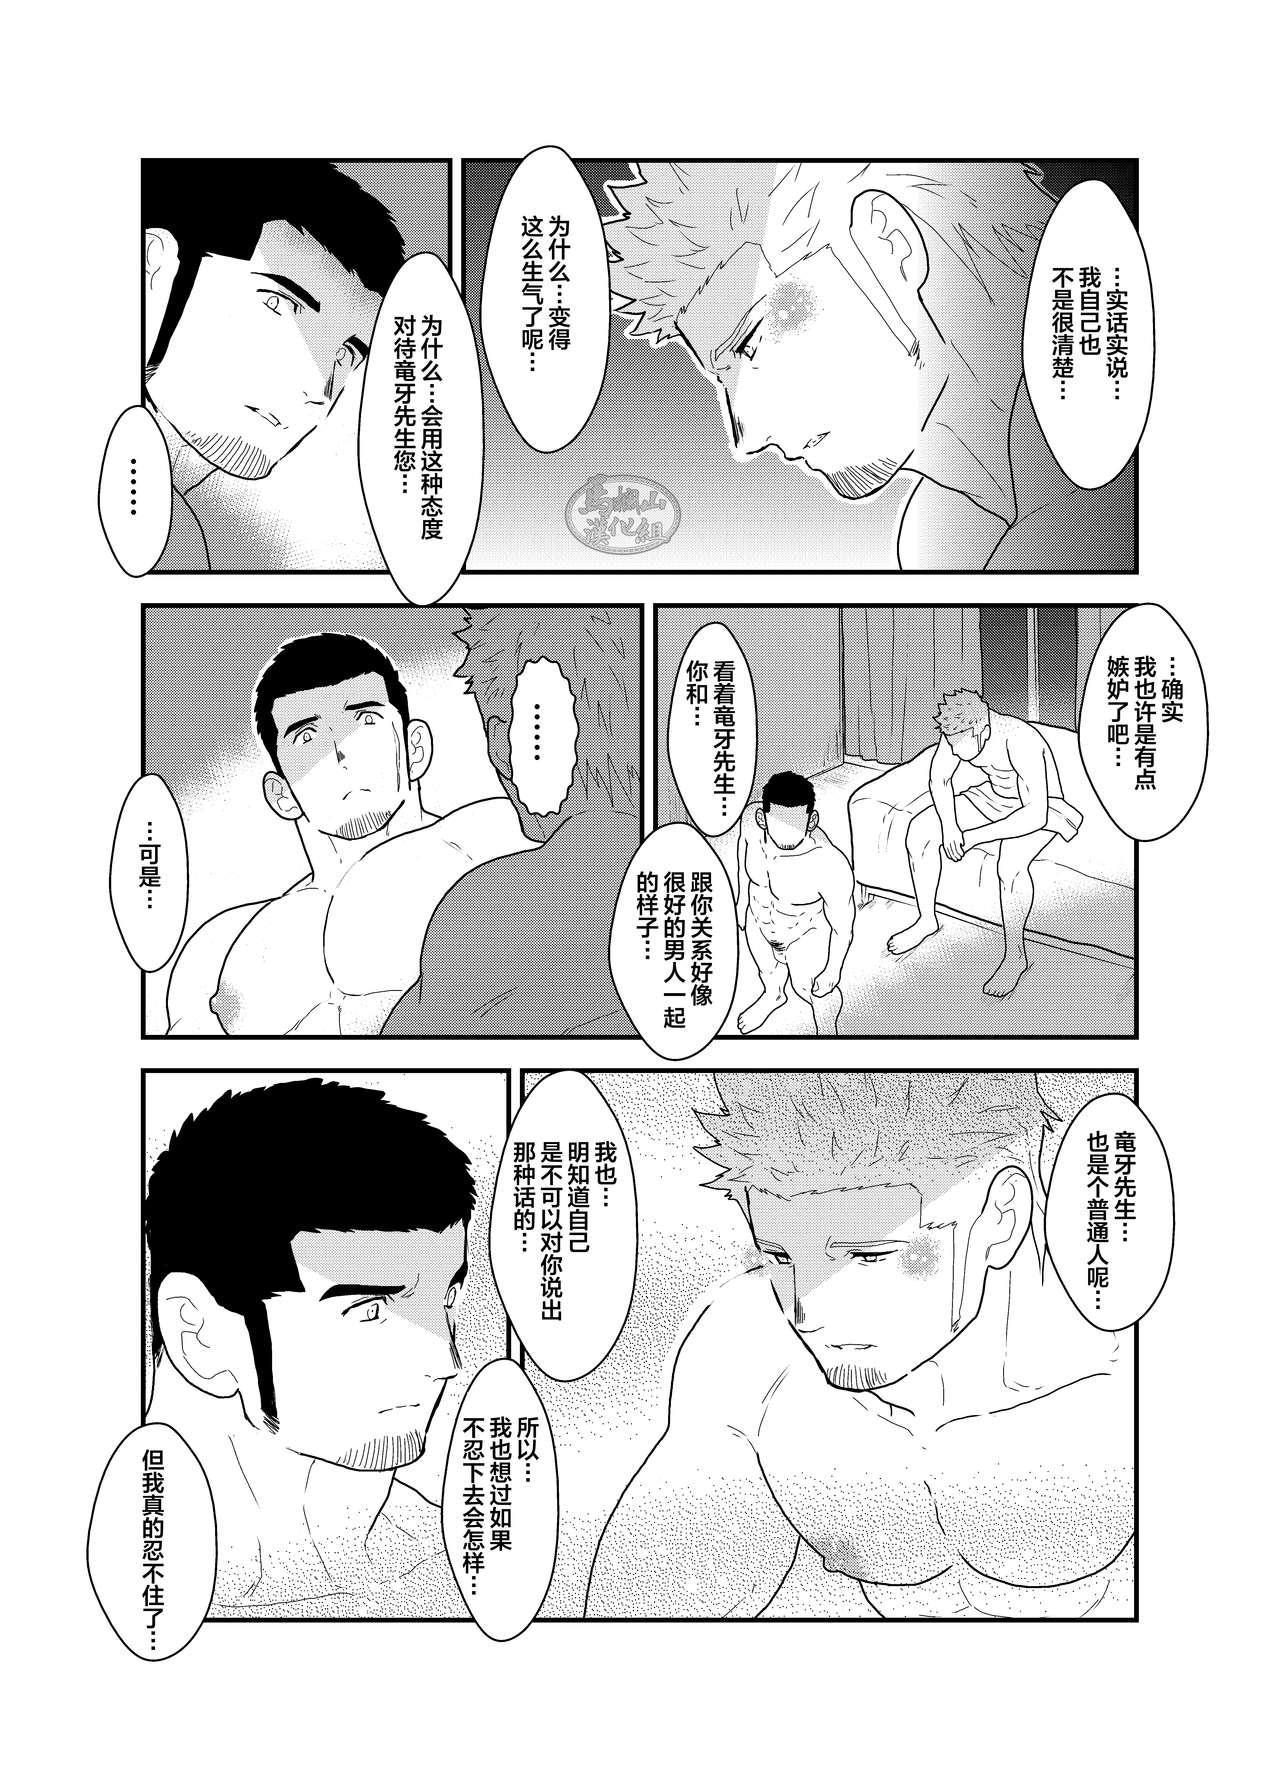 Moshimo Yakuza ni Koigokoro ga Mebae Hajimetara 34